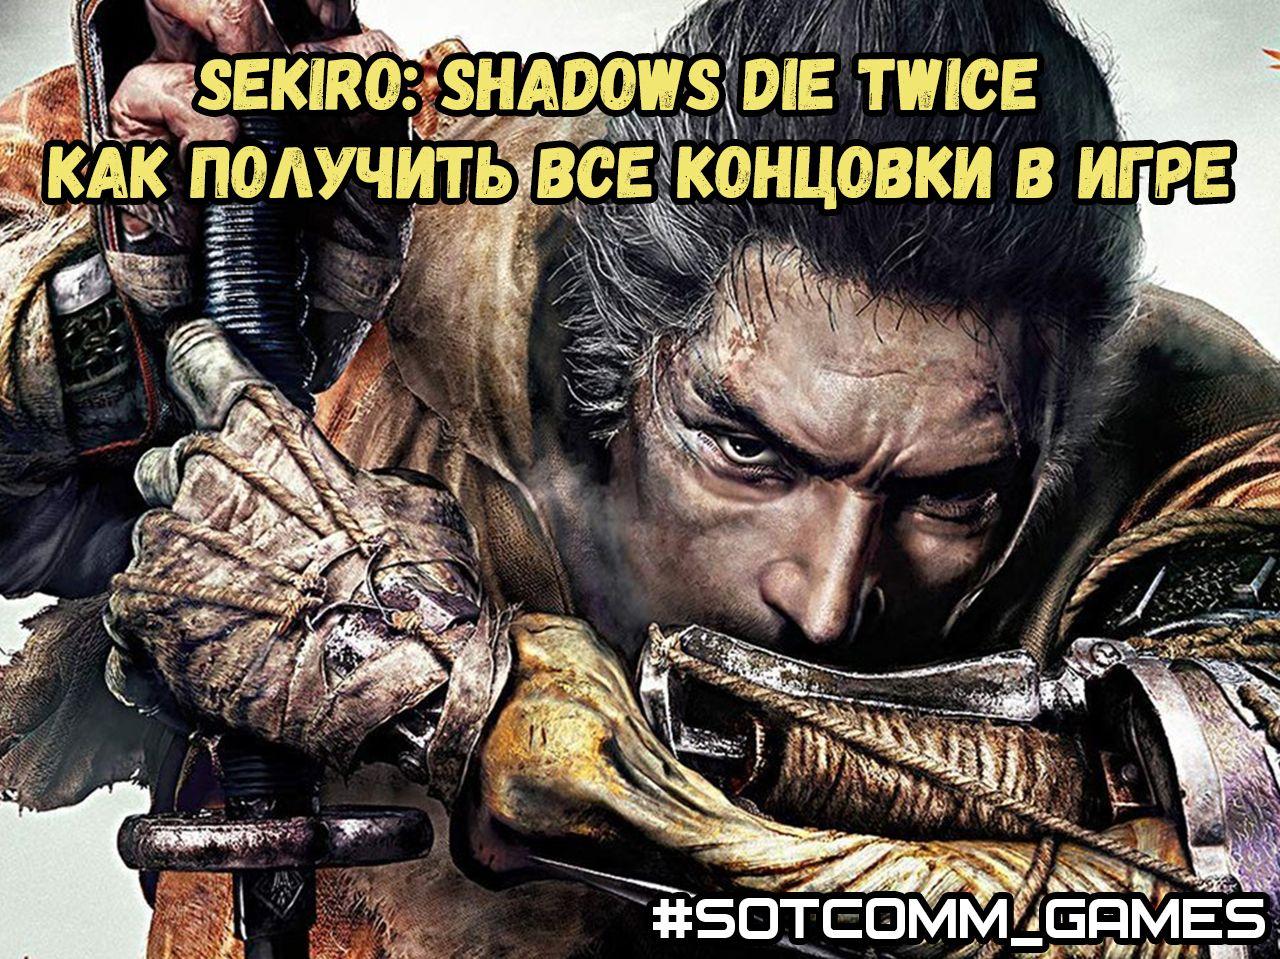 Sekiro: Shadows Die Twice - Как получить все концовки в игре